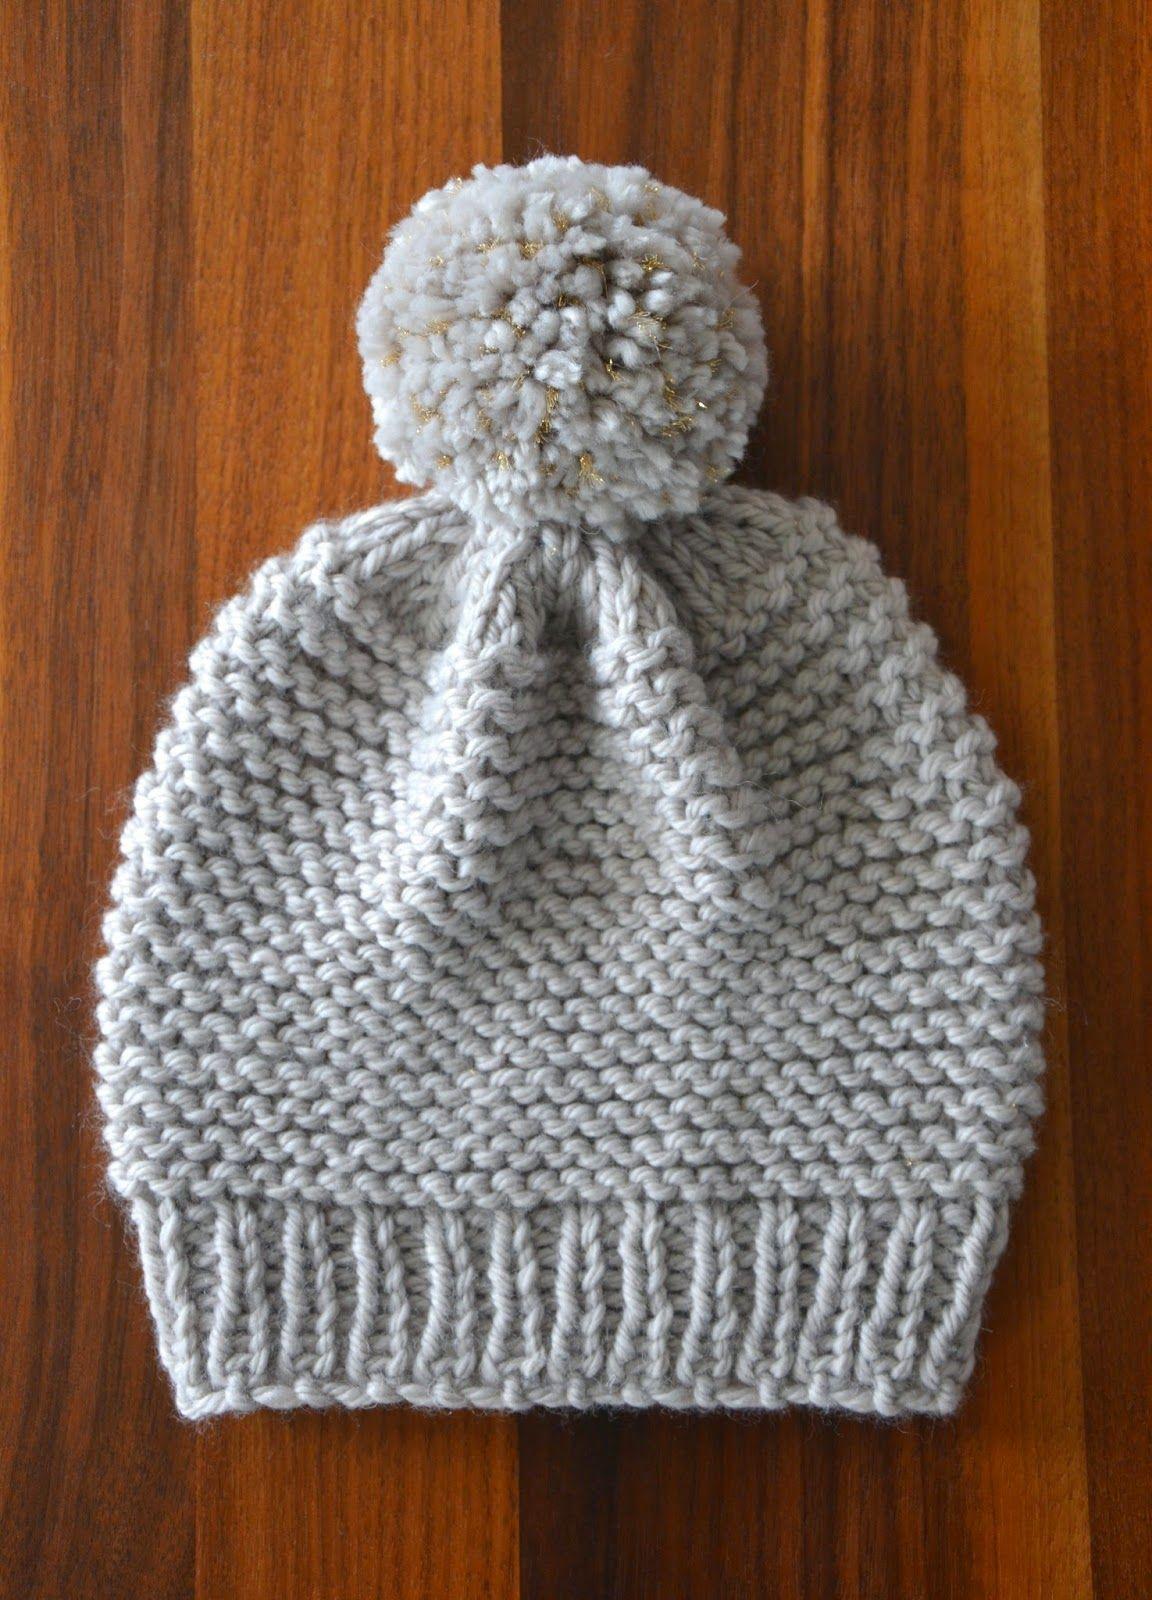 a23e3bcc071d Bonjour Aujourd hui je vous propose des modèles et des tutos de bonnet au  tricot, des bonnets faciles à faire pour lutter contre ce froid qui s est  installé ...